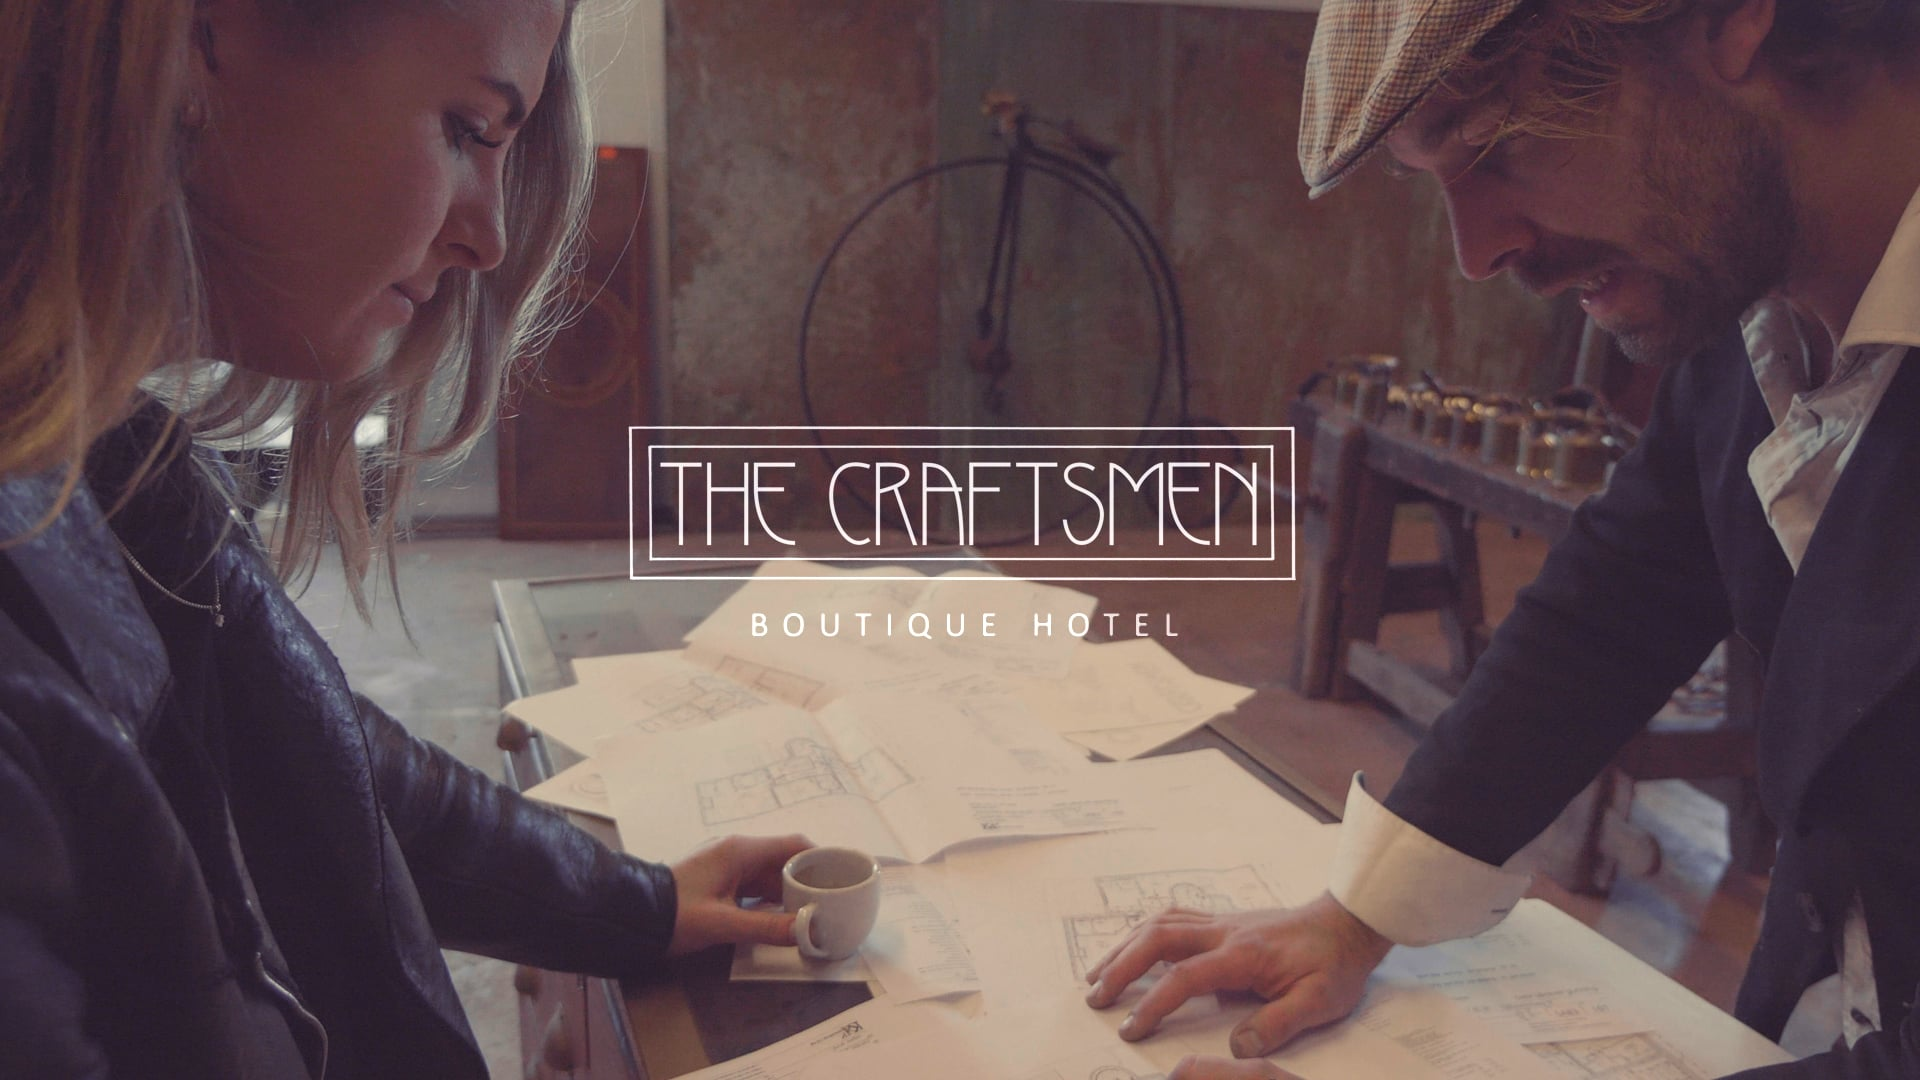 Sfeerfilm voor het Boutique Hotel The Craftsmen